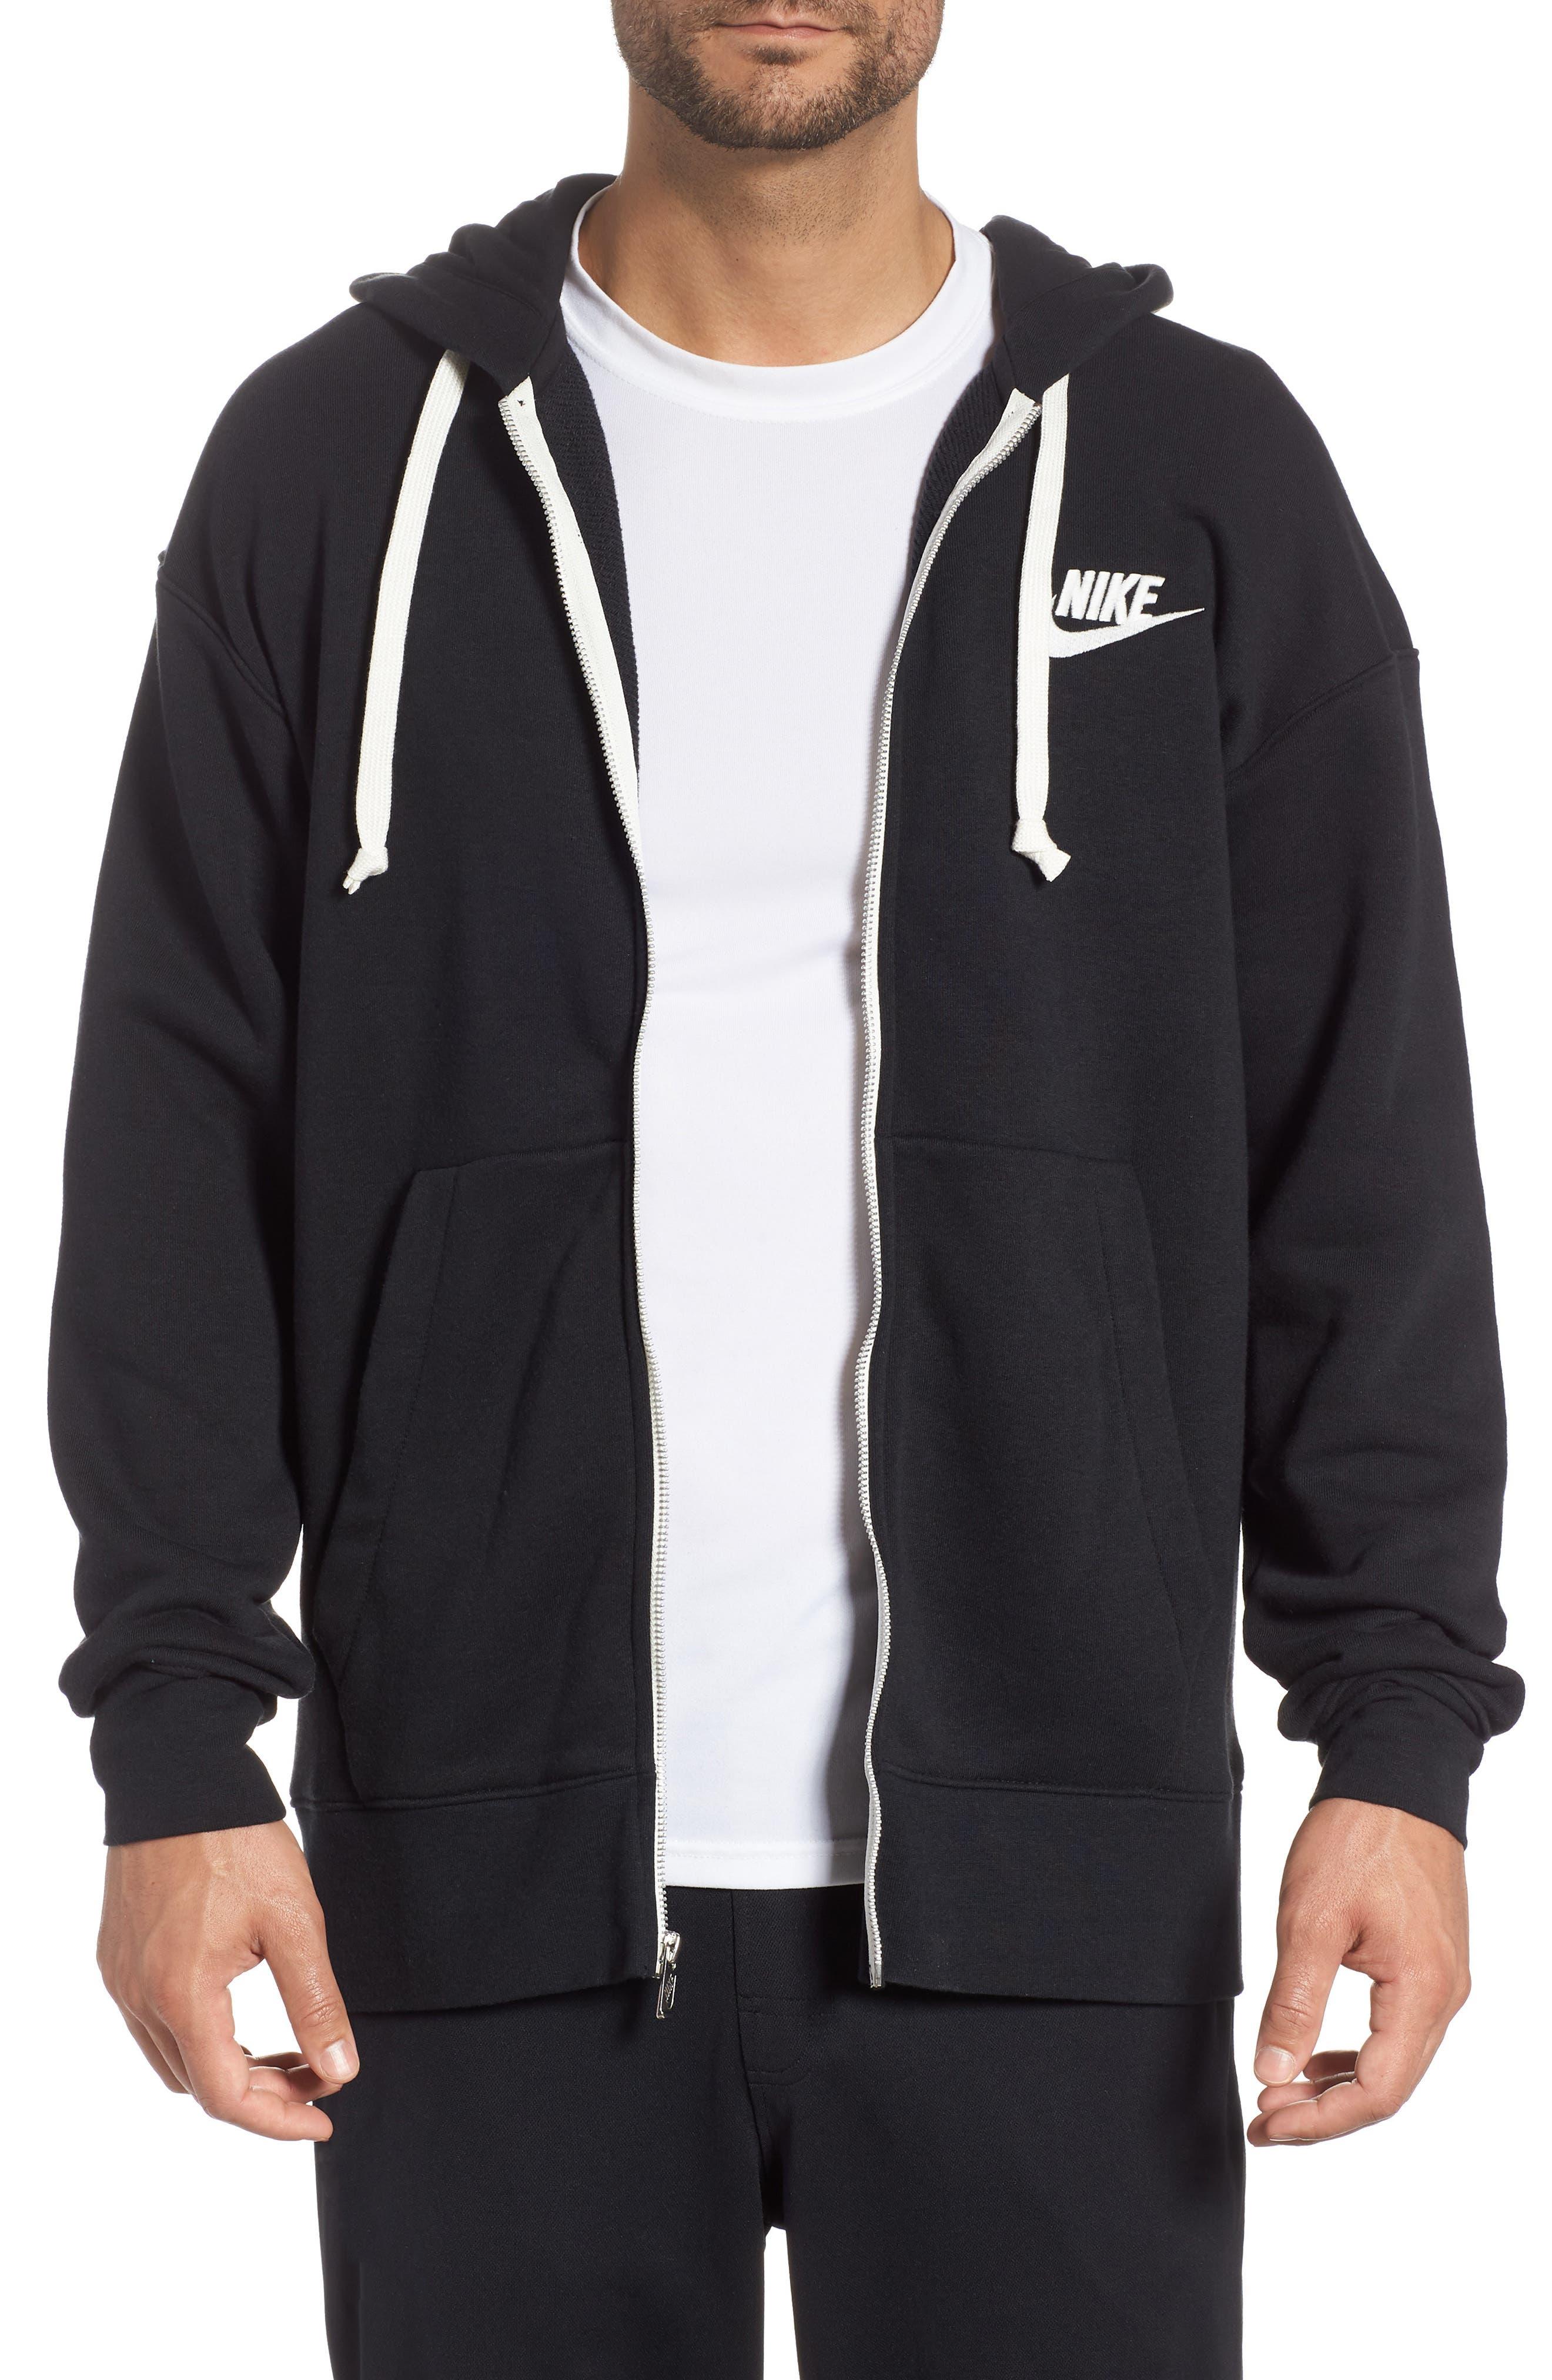 NIKE Sportswear Heritage Zip Hoodie, Main, color, BLACK/ SAIL